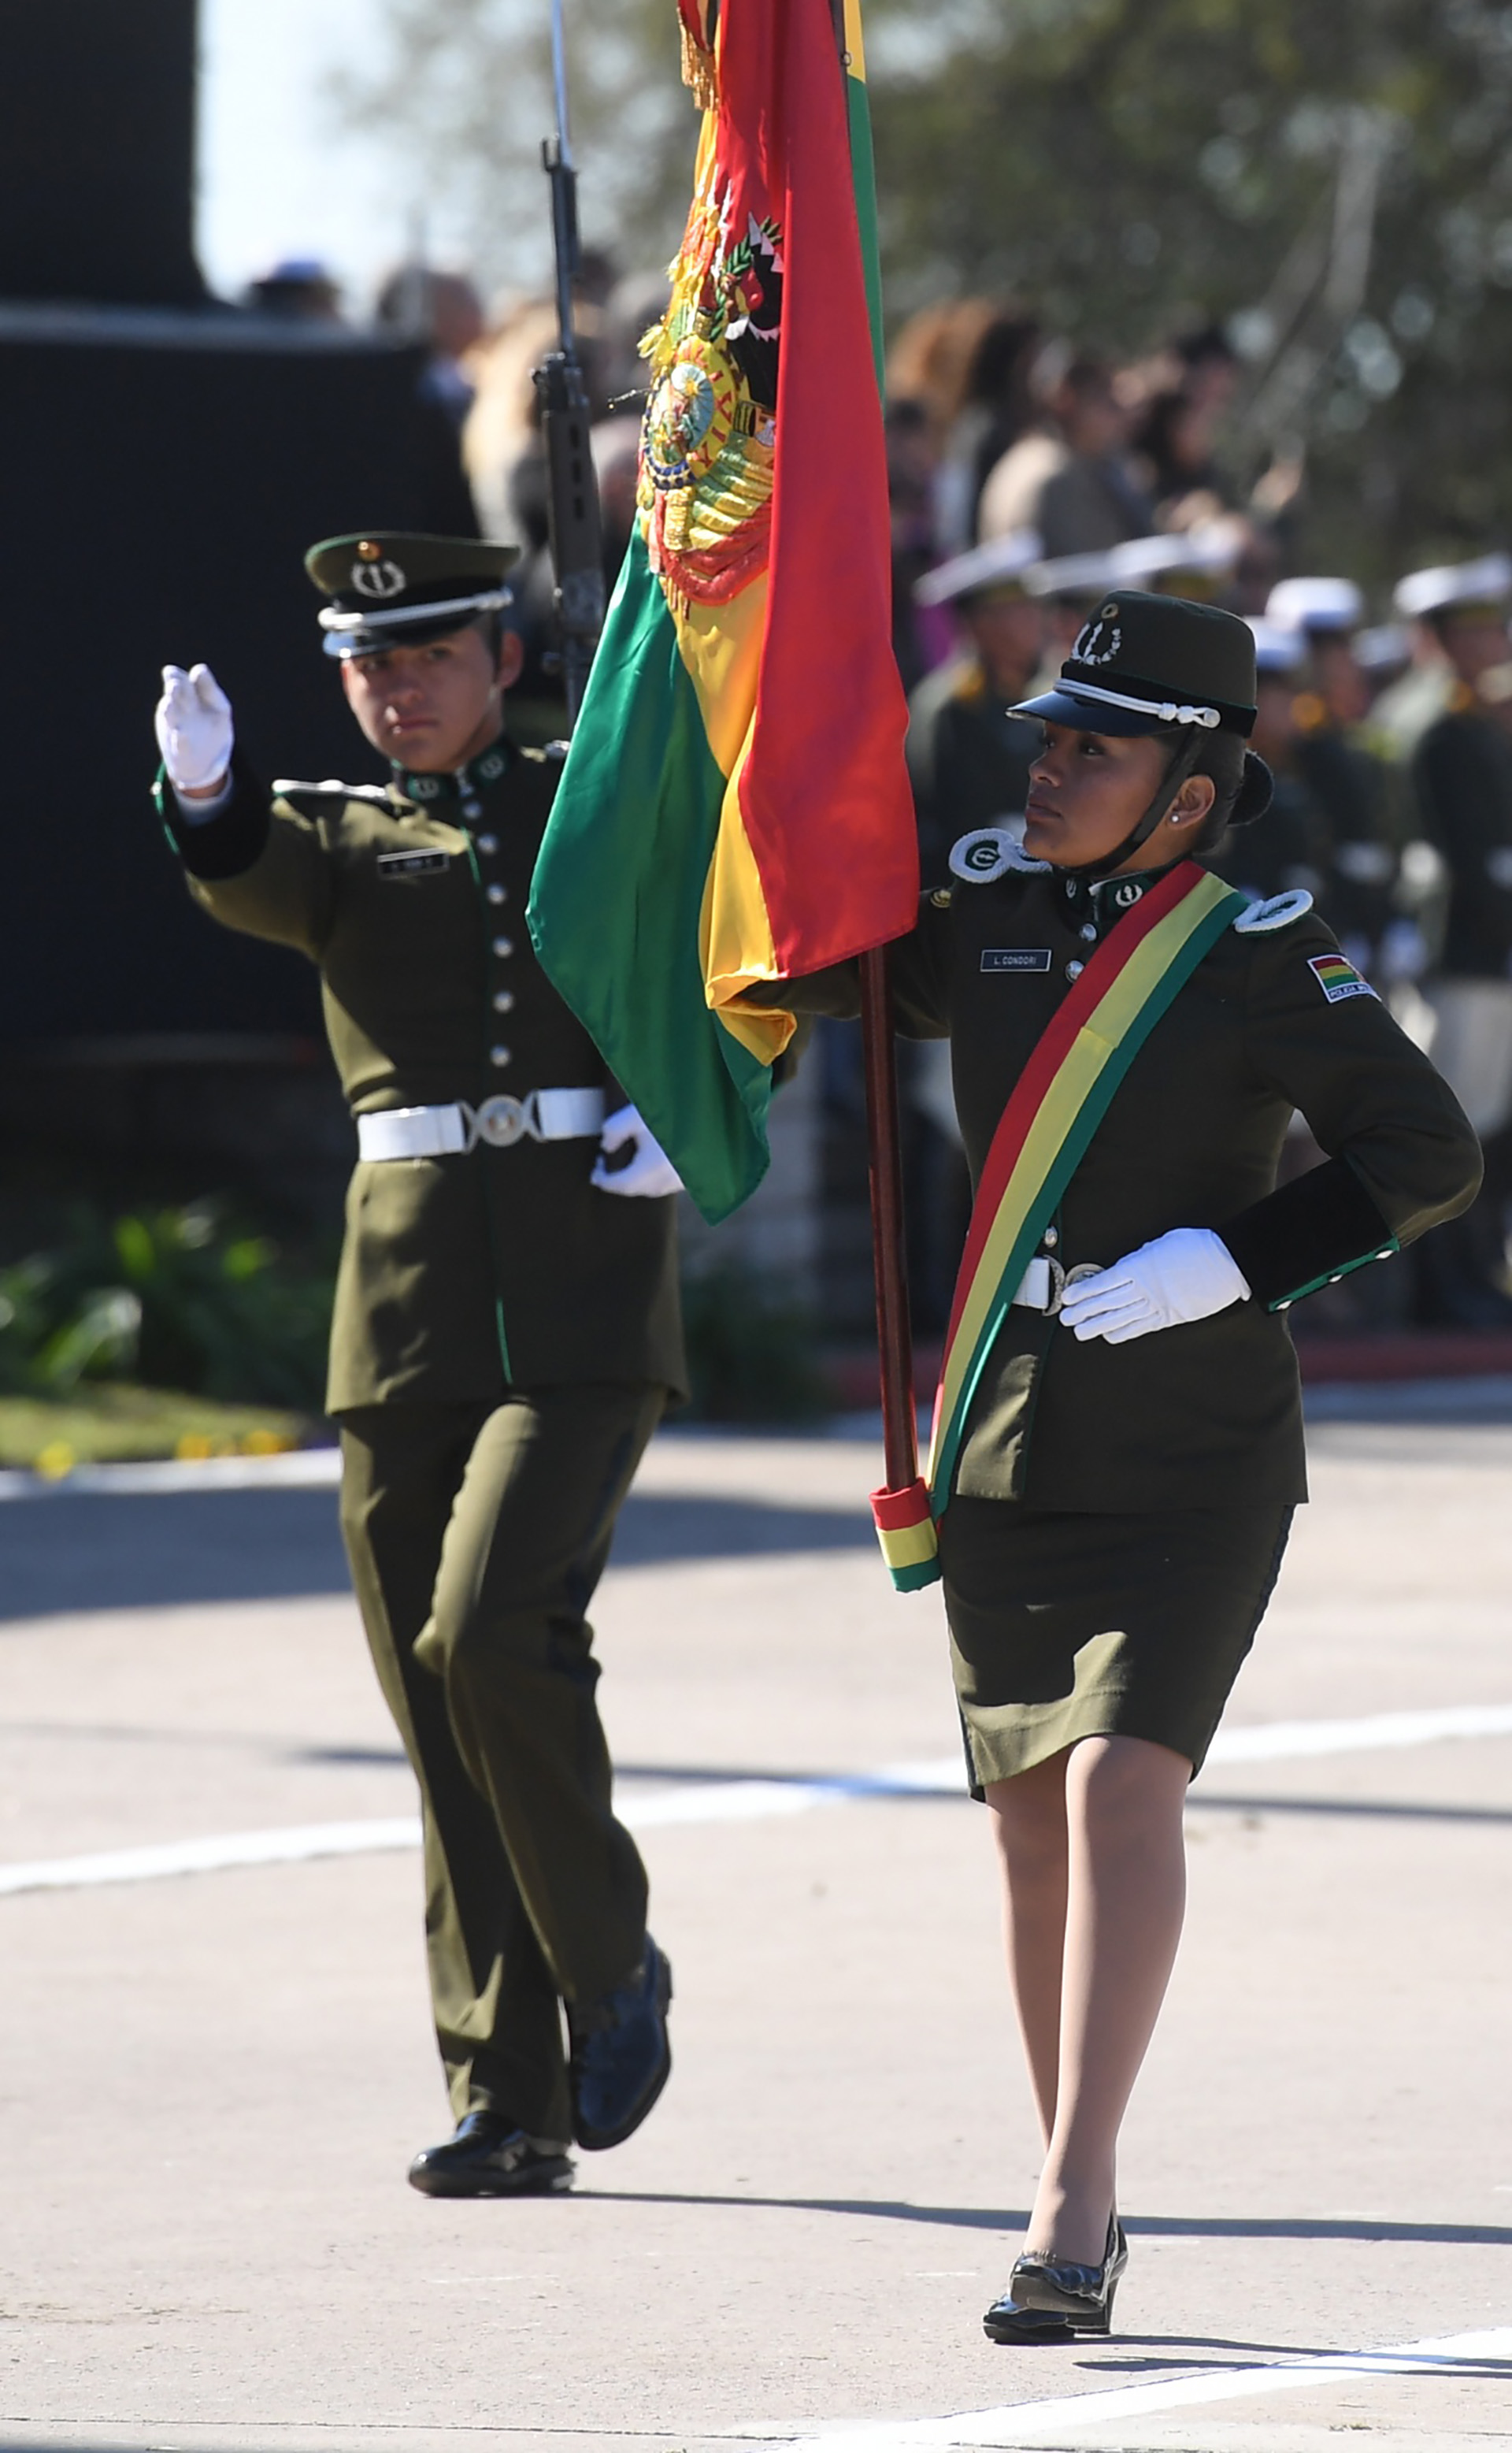 Durante la ceremonia, se rindió honor a las banderas de Bolivia, República de Chile, Guatemala, Perú, Panamá y Paraguay, estados nacionales que mantienen acuerdos de capacitación con la fuerza argentina